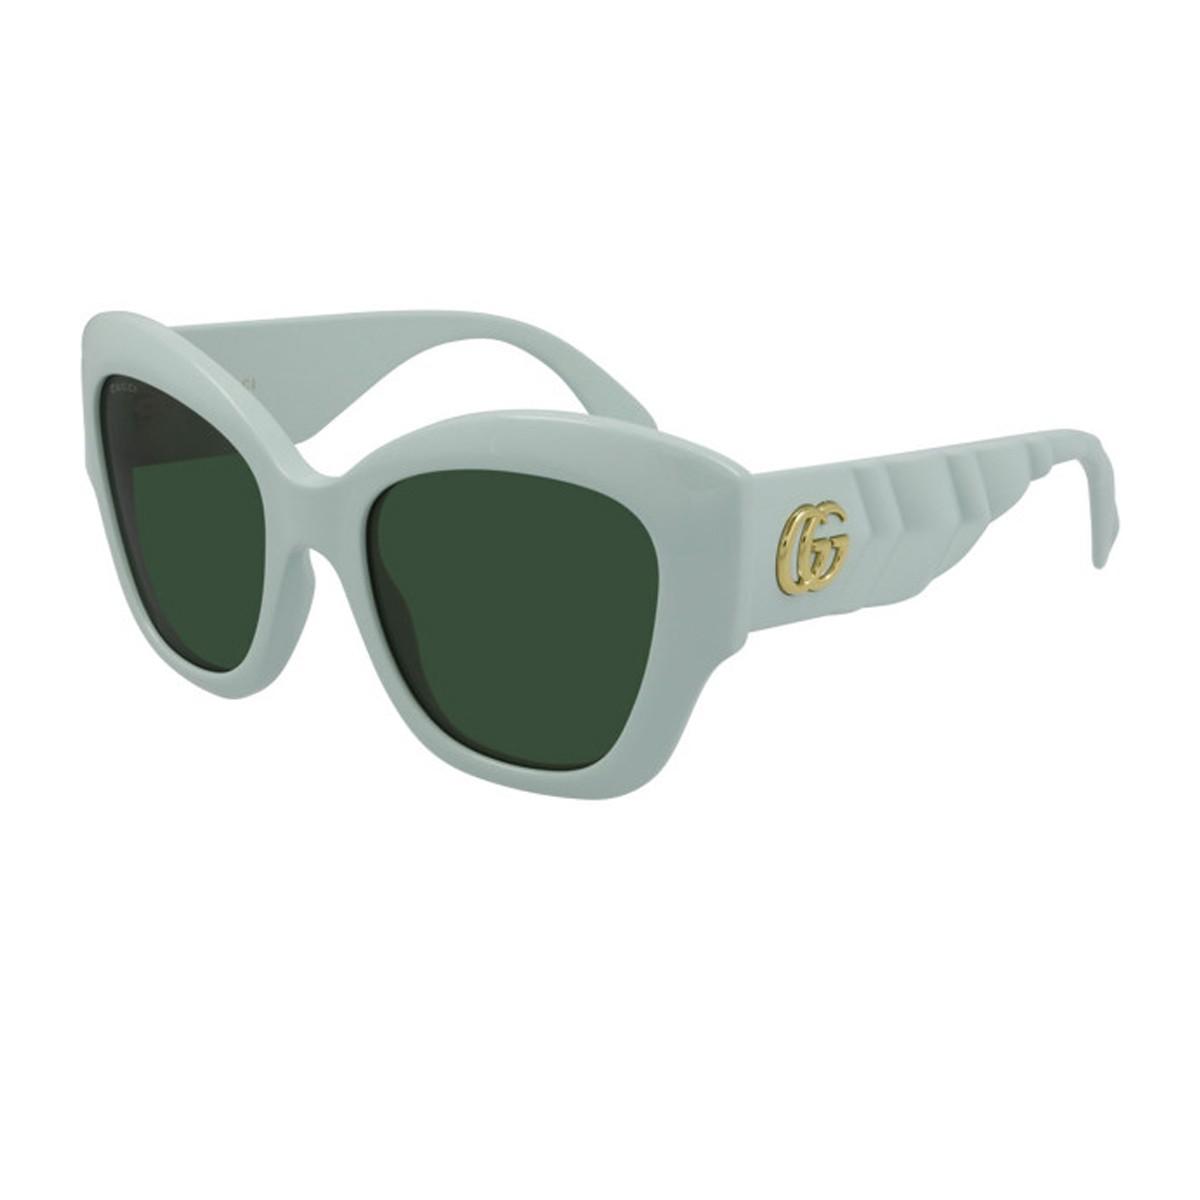 Gucci GG0808S | Women's sunglasses